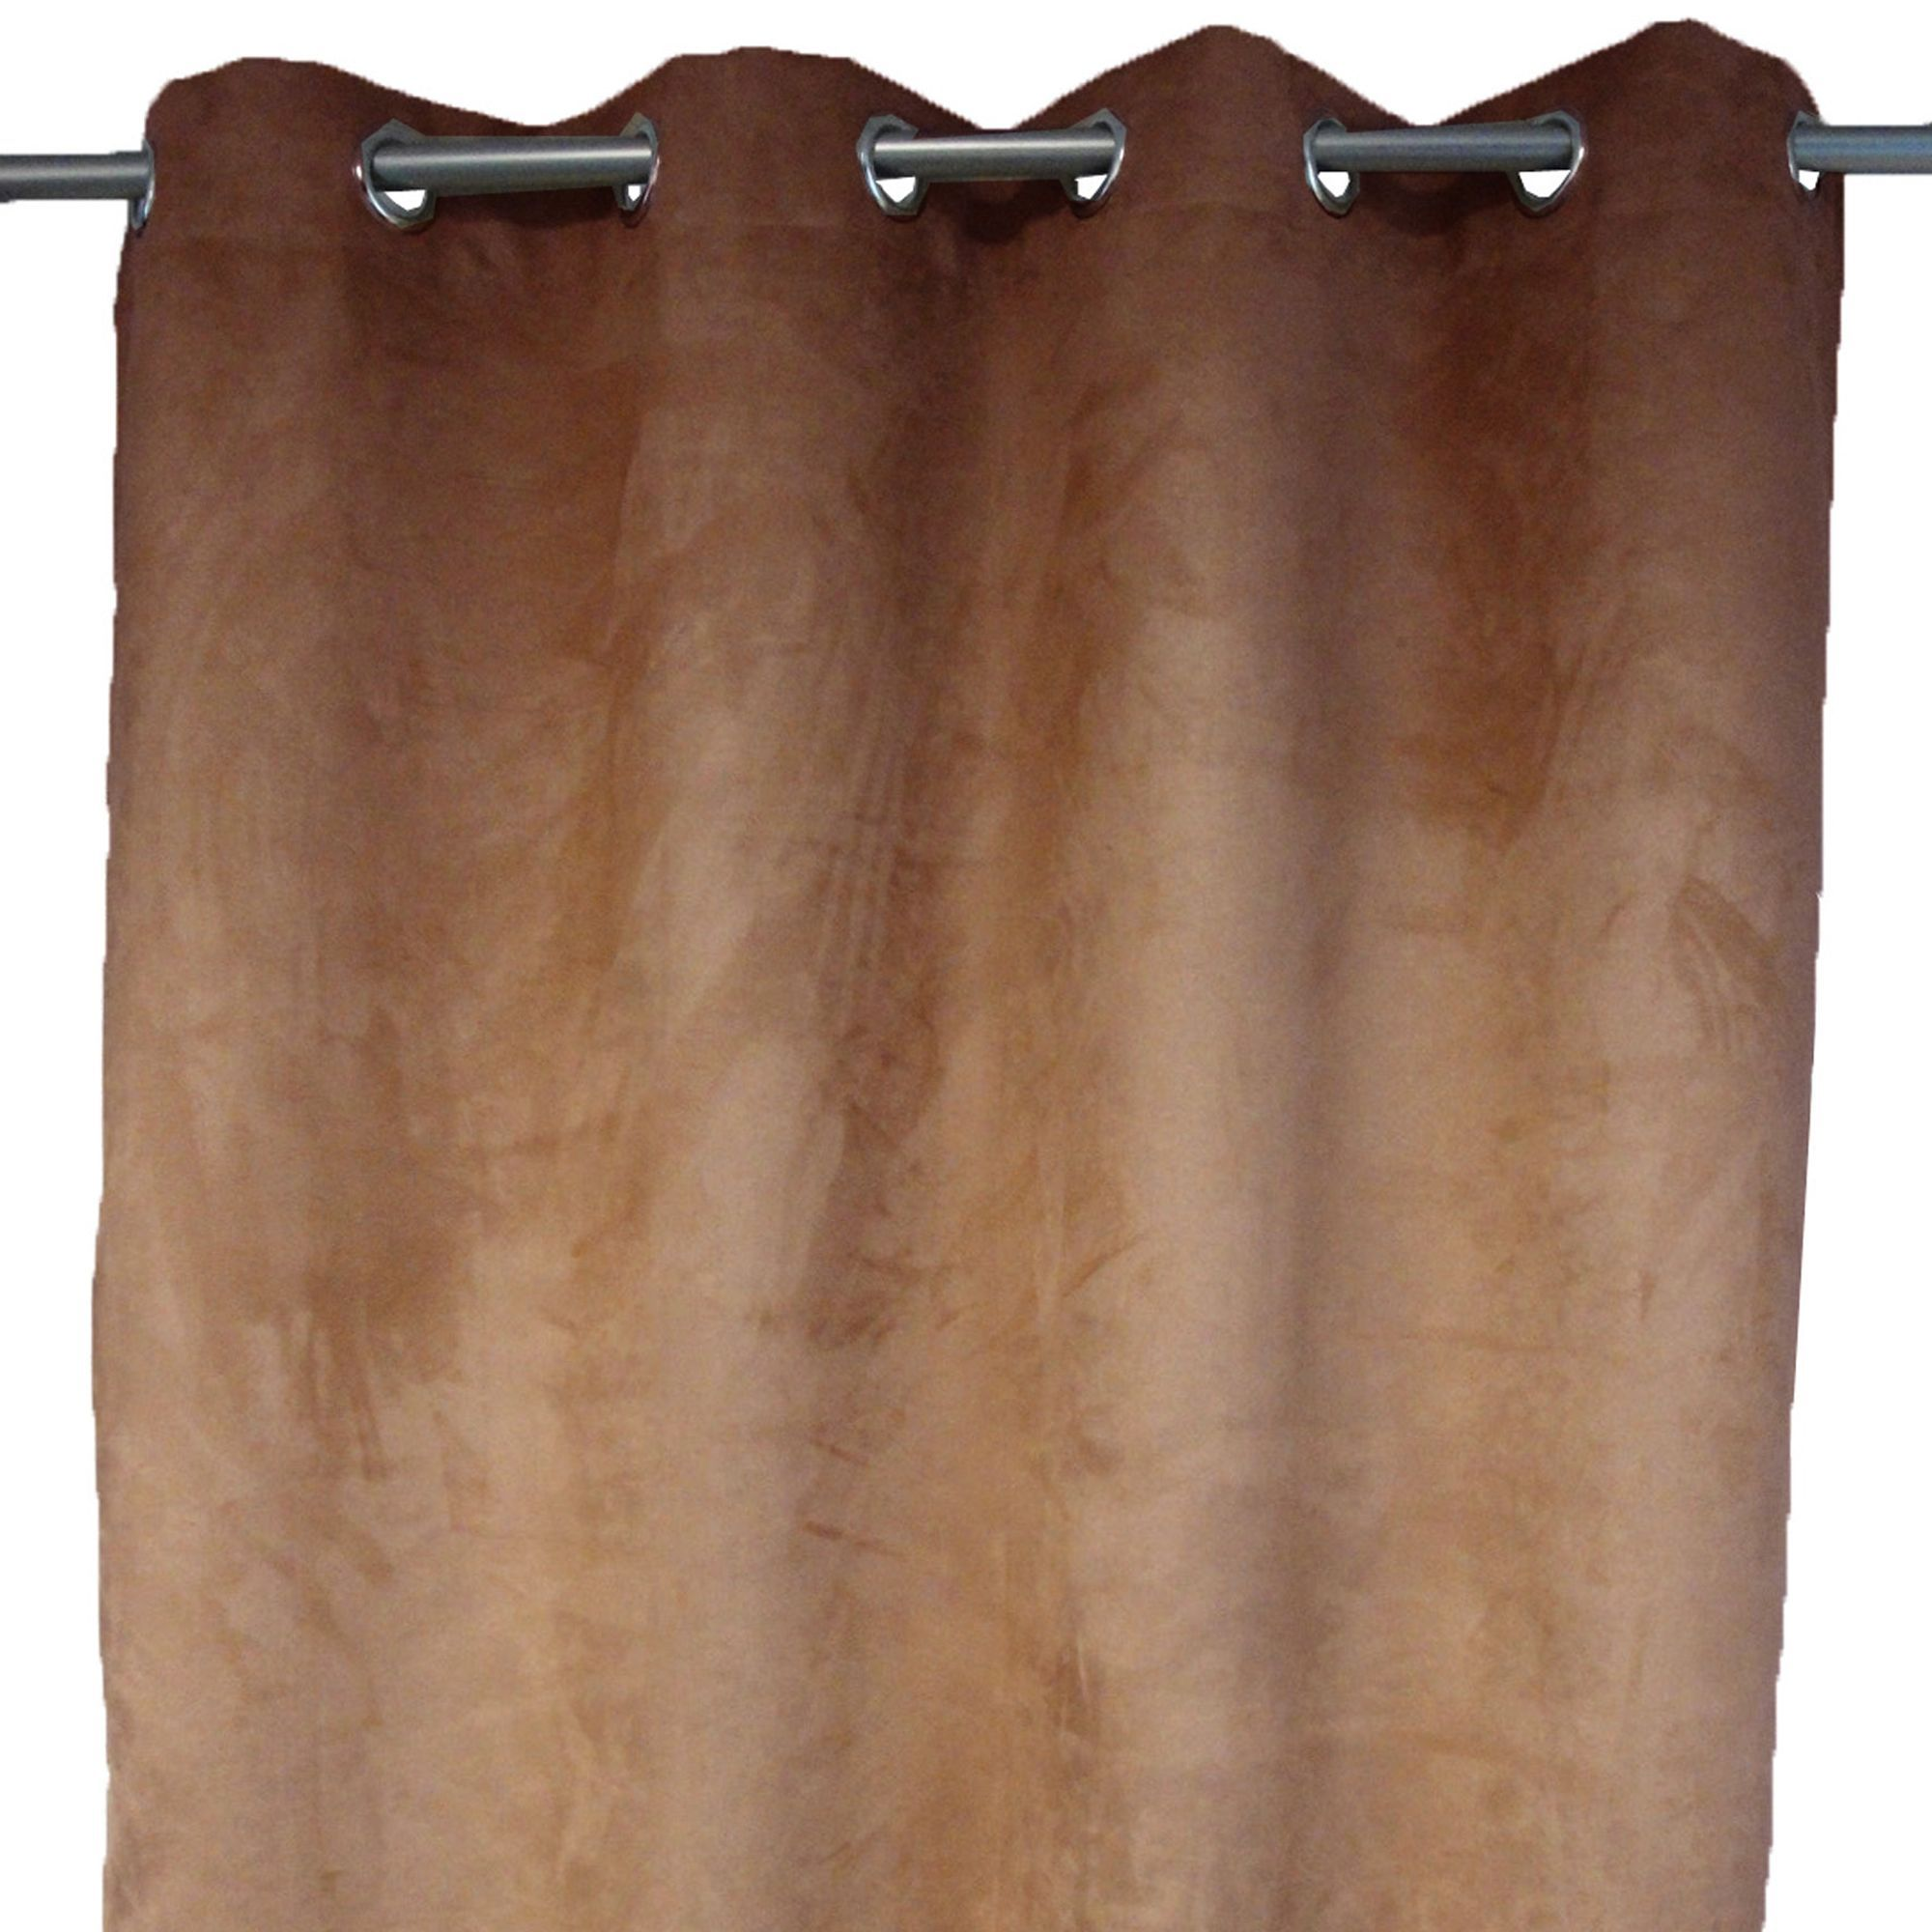 Rideau marron à œillets toucher suédine Chesnut - Suède - Les ...